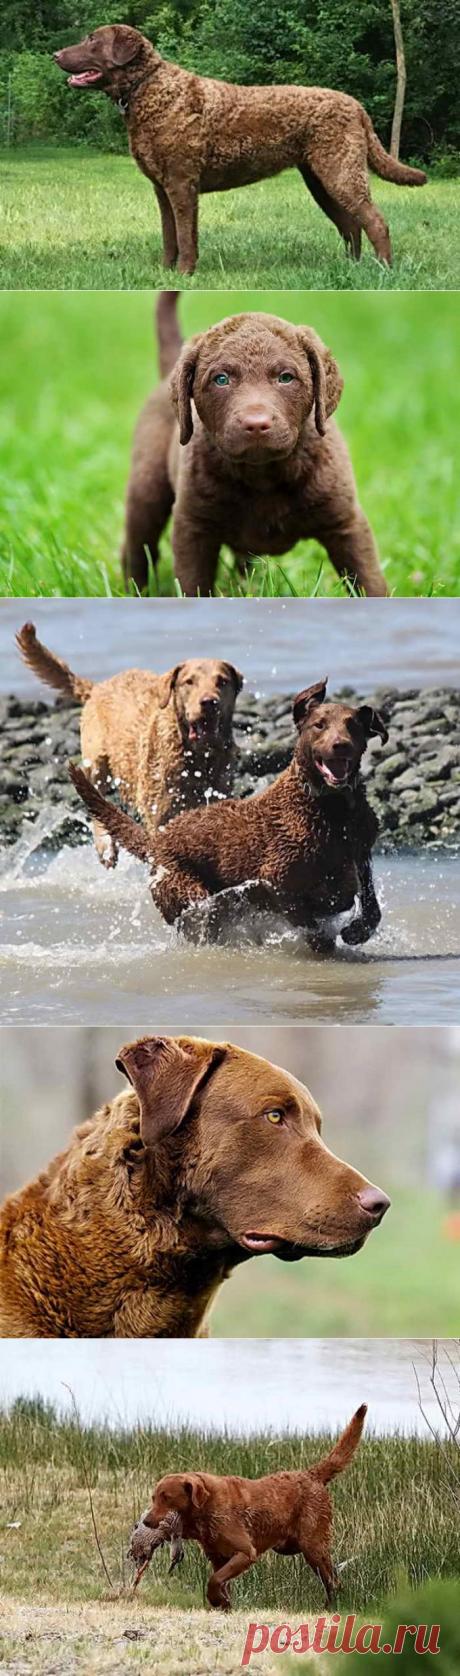 Чесапик бей ретривер: фото редкой породы собак, особенности характера и поведения